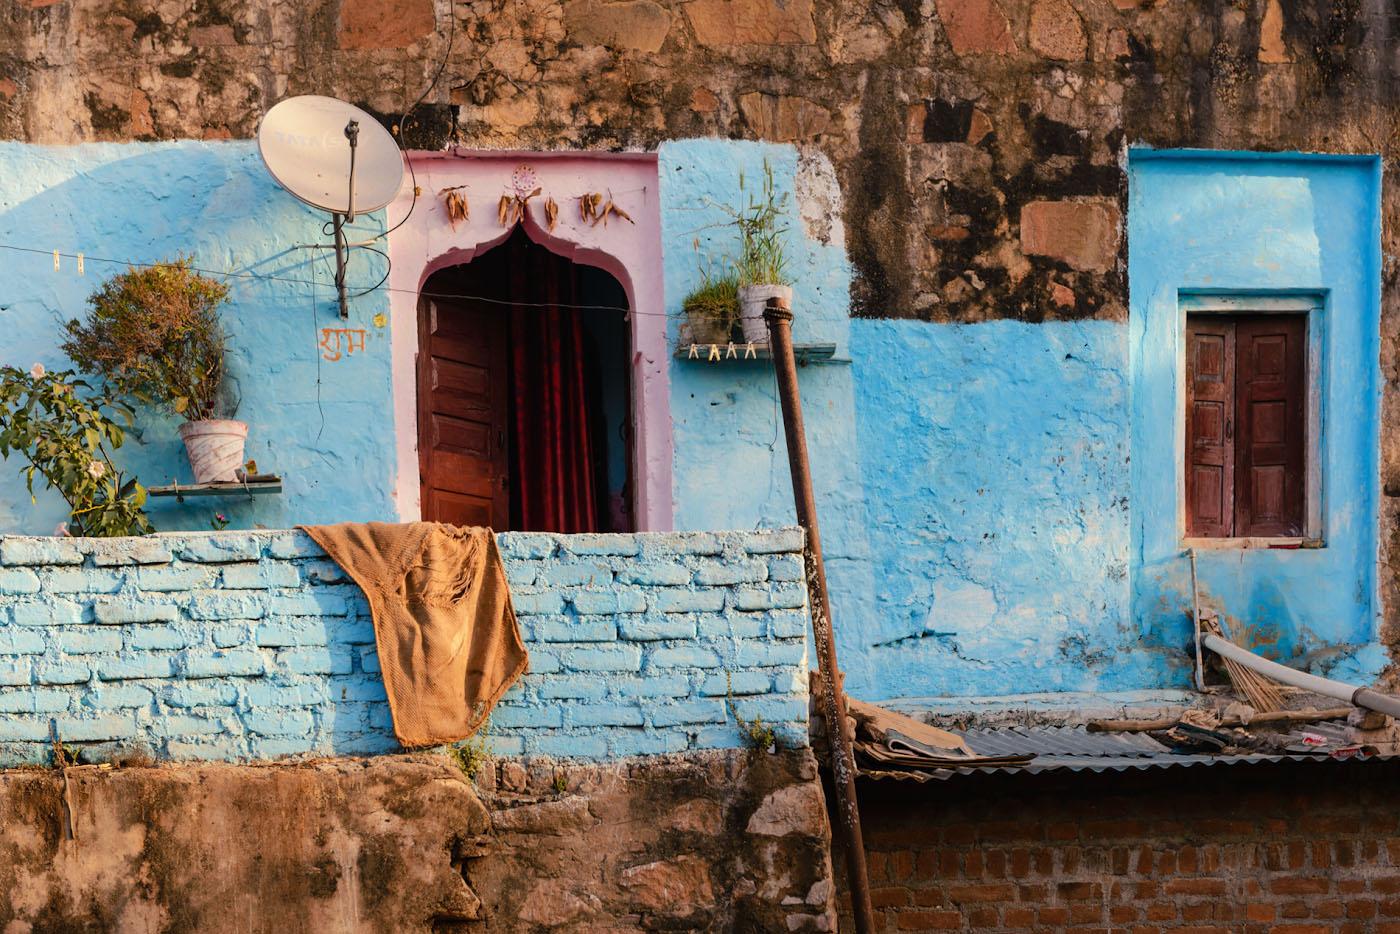 Снимок 8. Любят в Индии синий цвет! Наверное, в этом доме живет семья, переселившаяся из Джодхпур, голубого города. 1/125, 7.1, 140, 62.